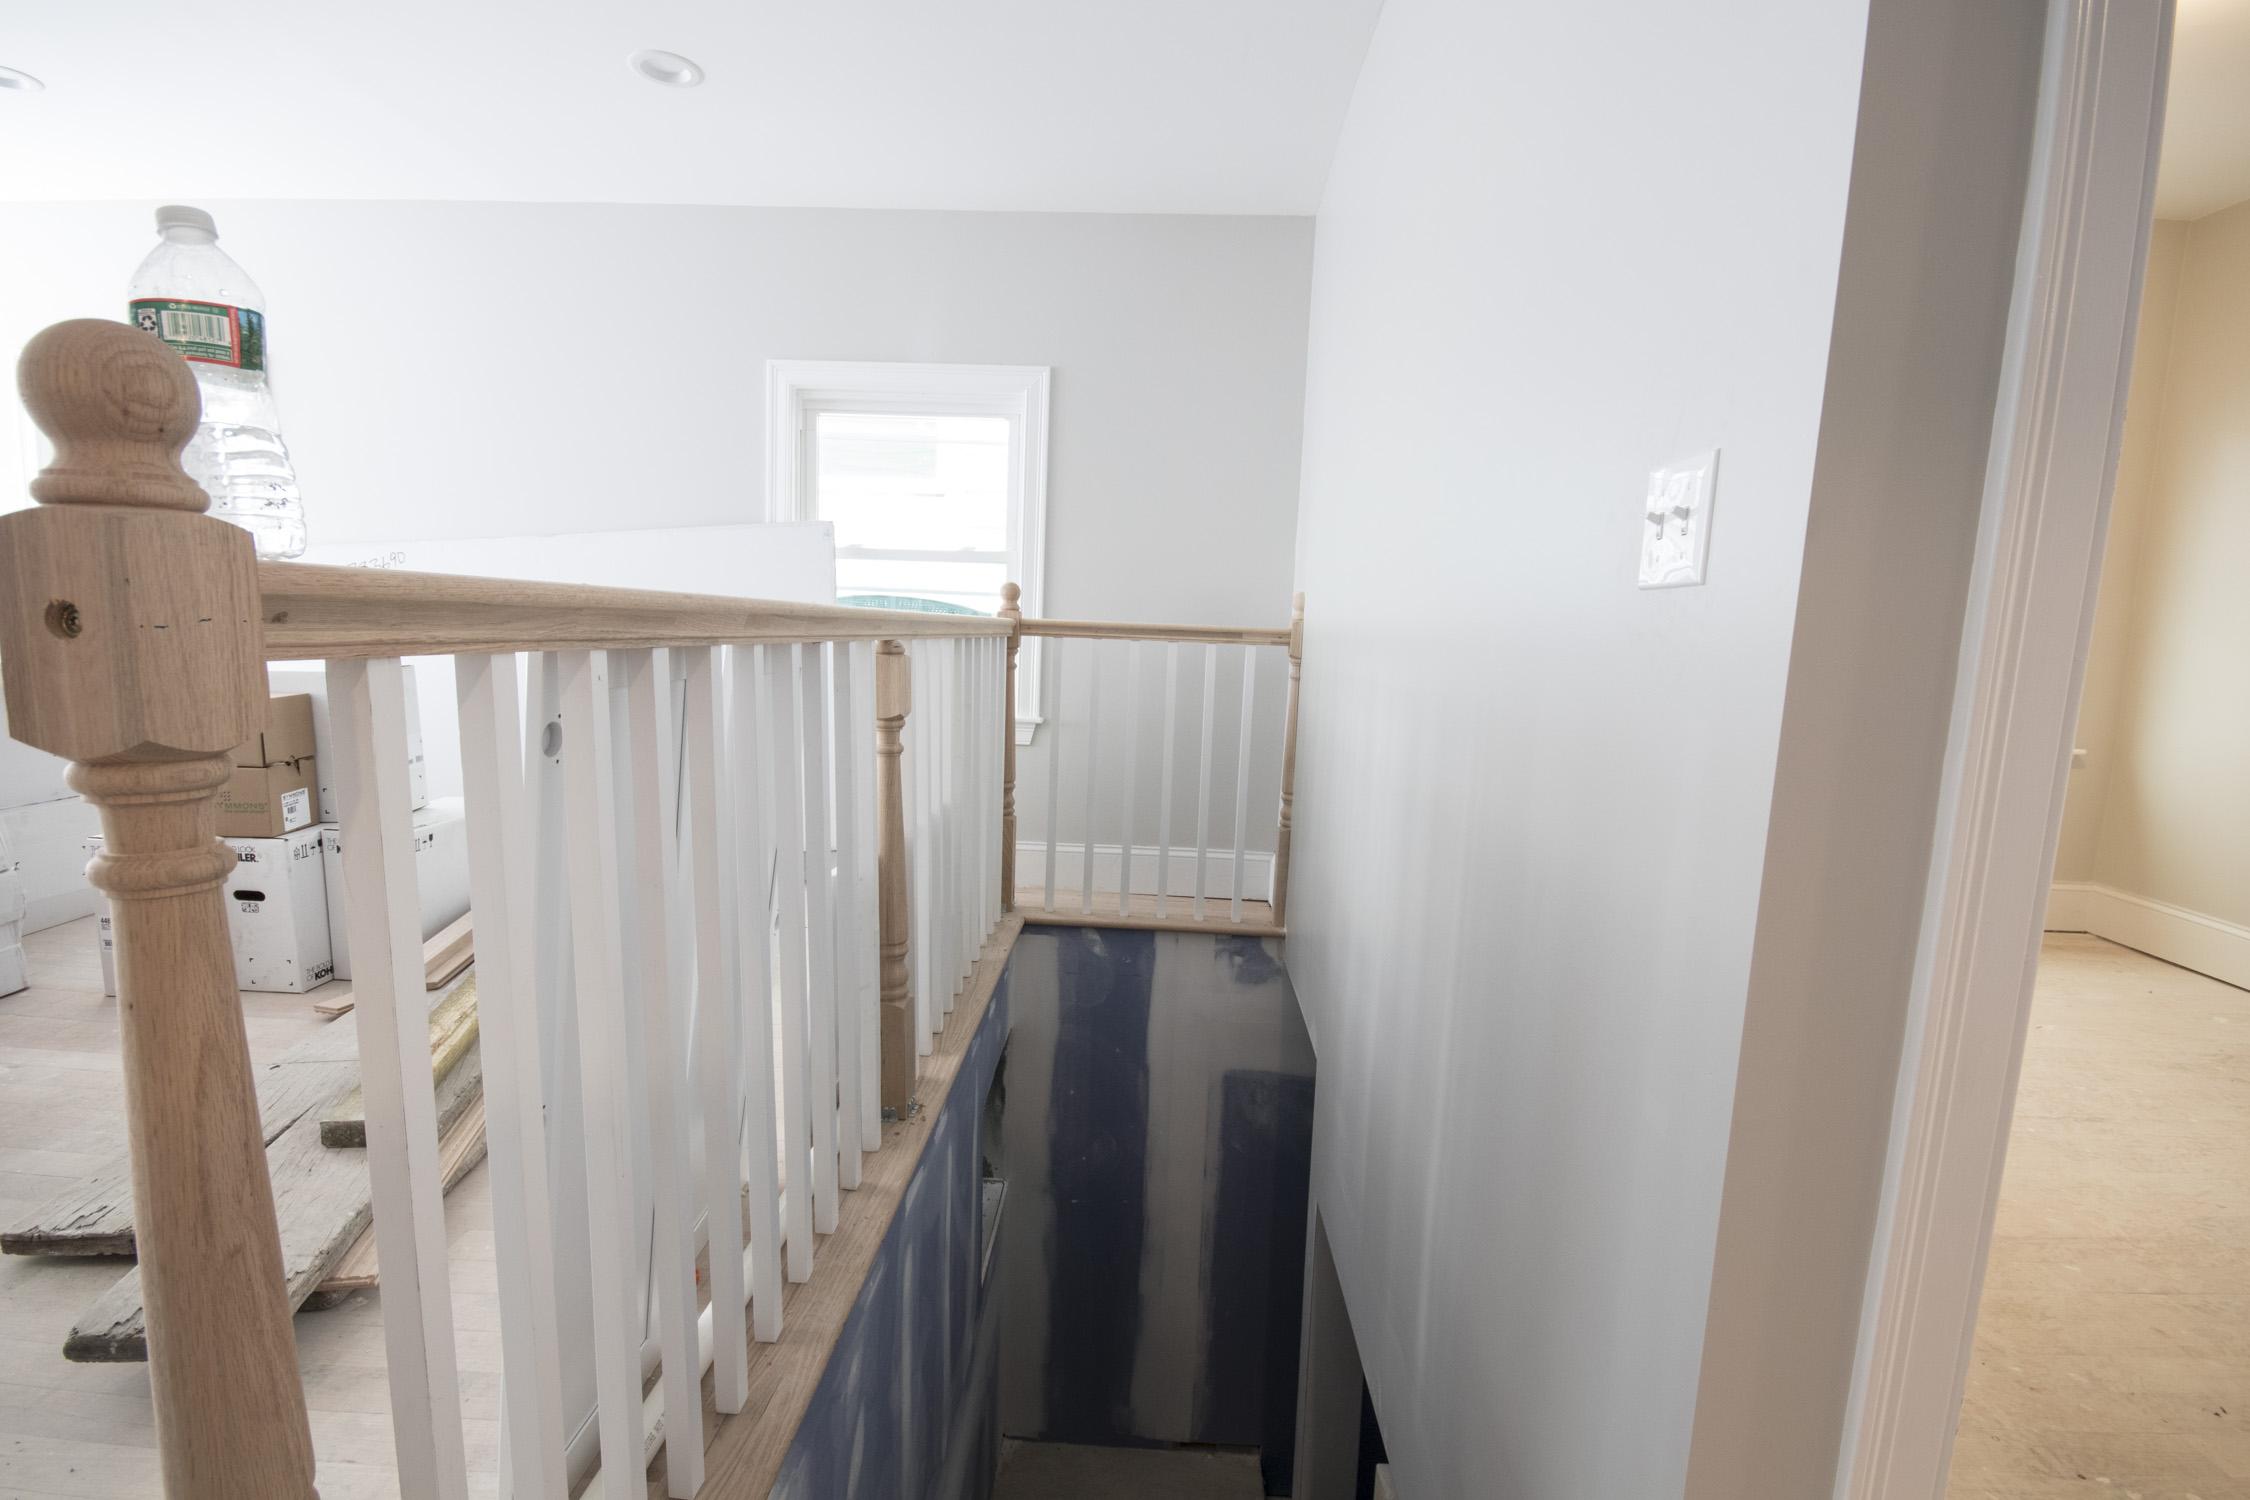 25 Darling Street Boston General Contractor P Northeast Contractors_92